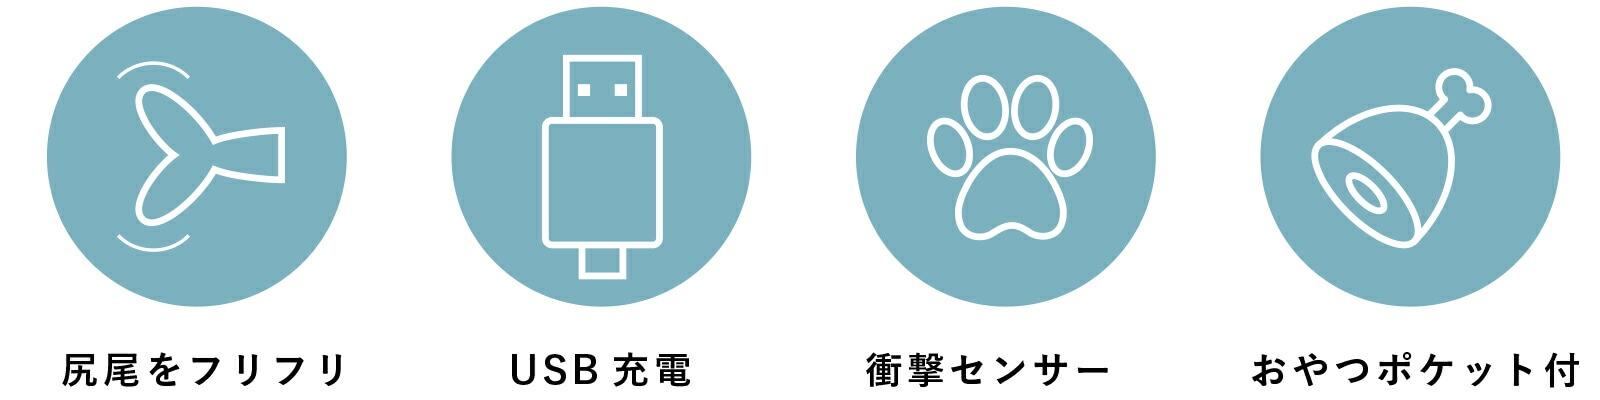 尻尾をフリフリ USB充電 衝撃センサー おやつポケット付